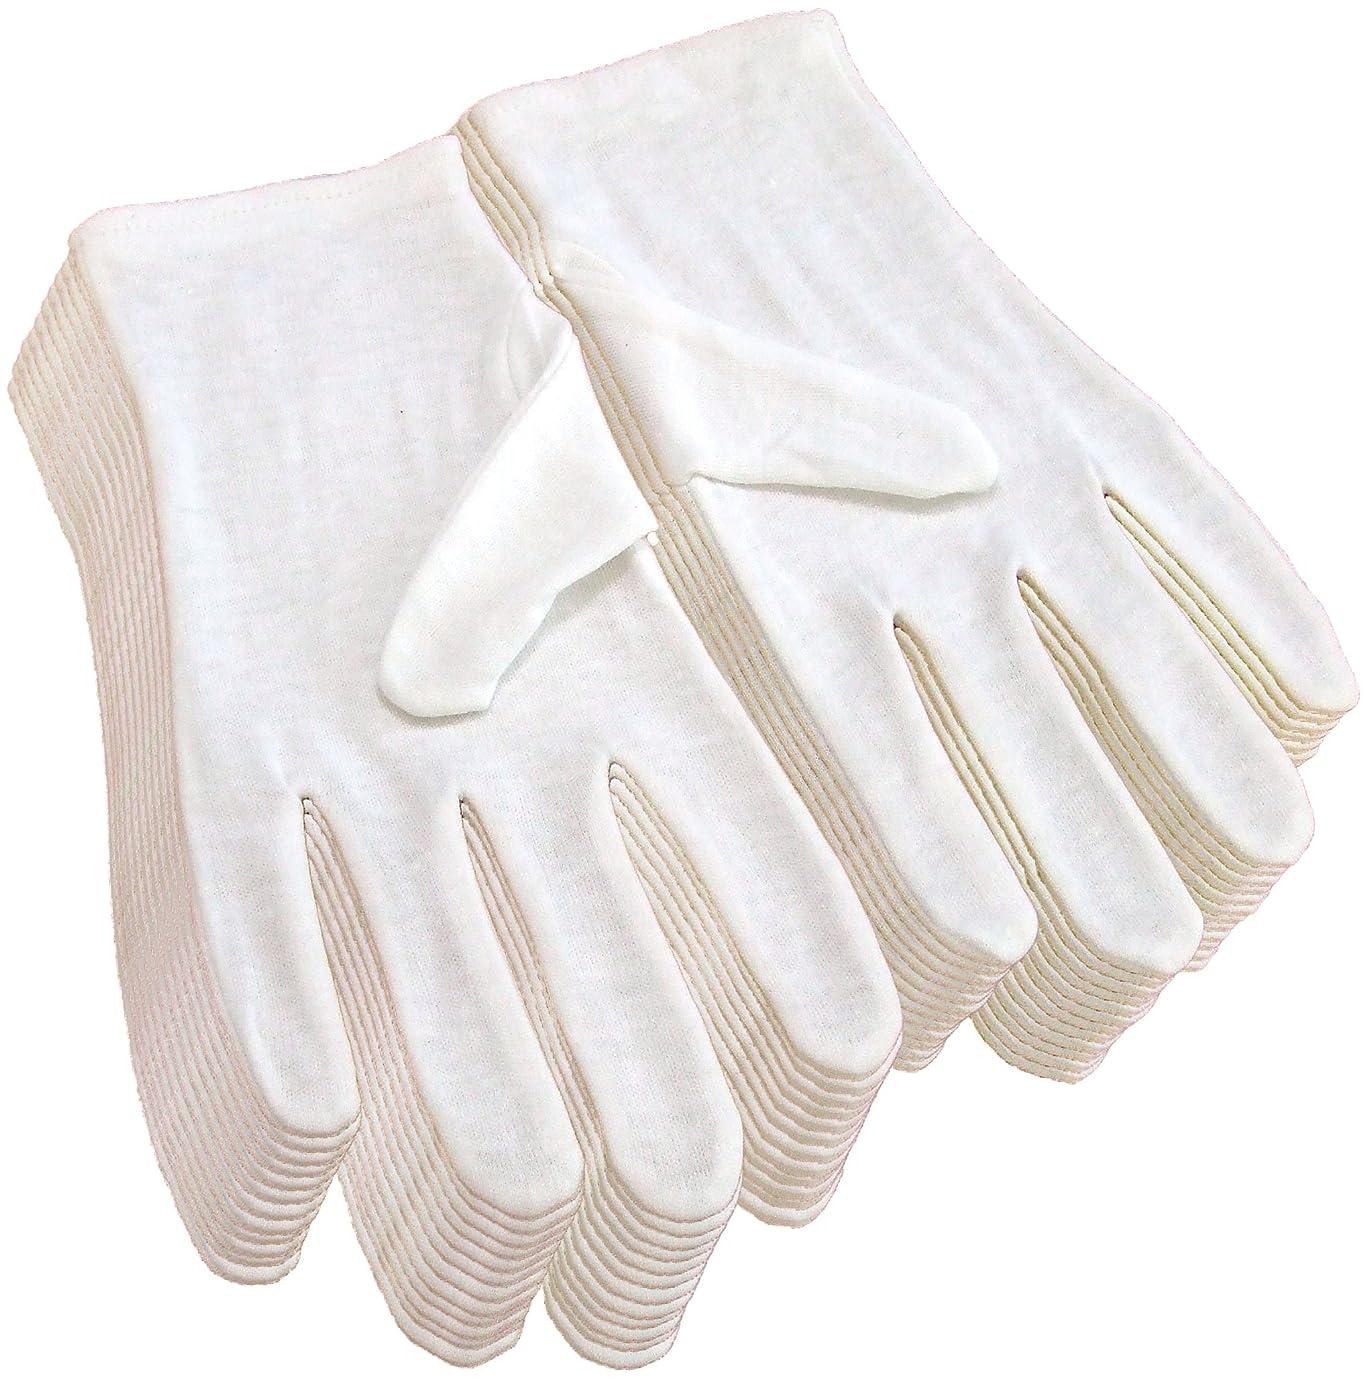 アラーム入手しますエリート純綿100% コットン手袋 12双組 Sサイズ (女性用)